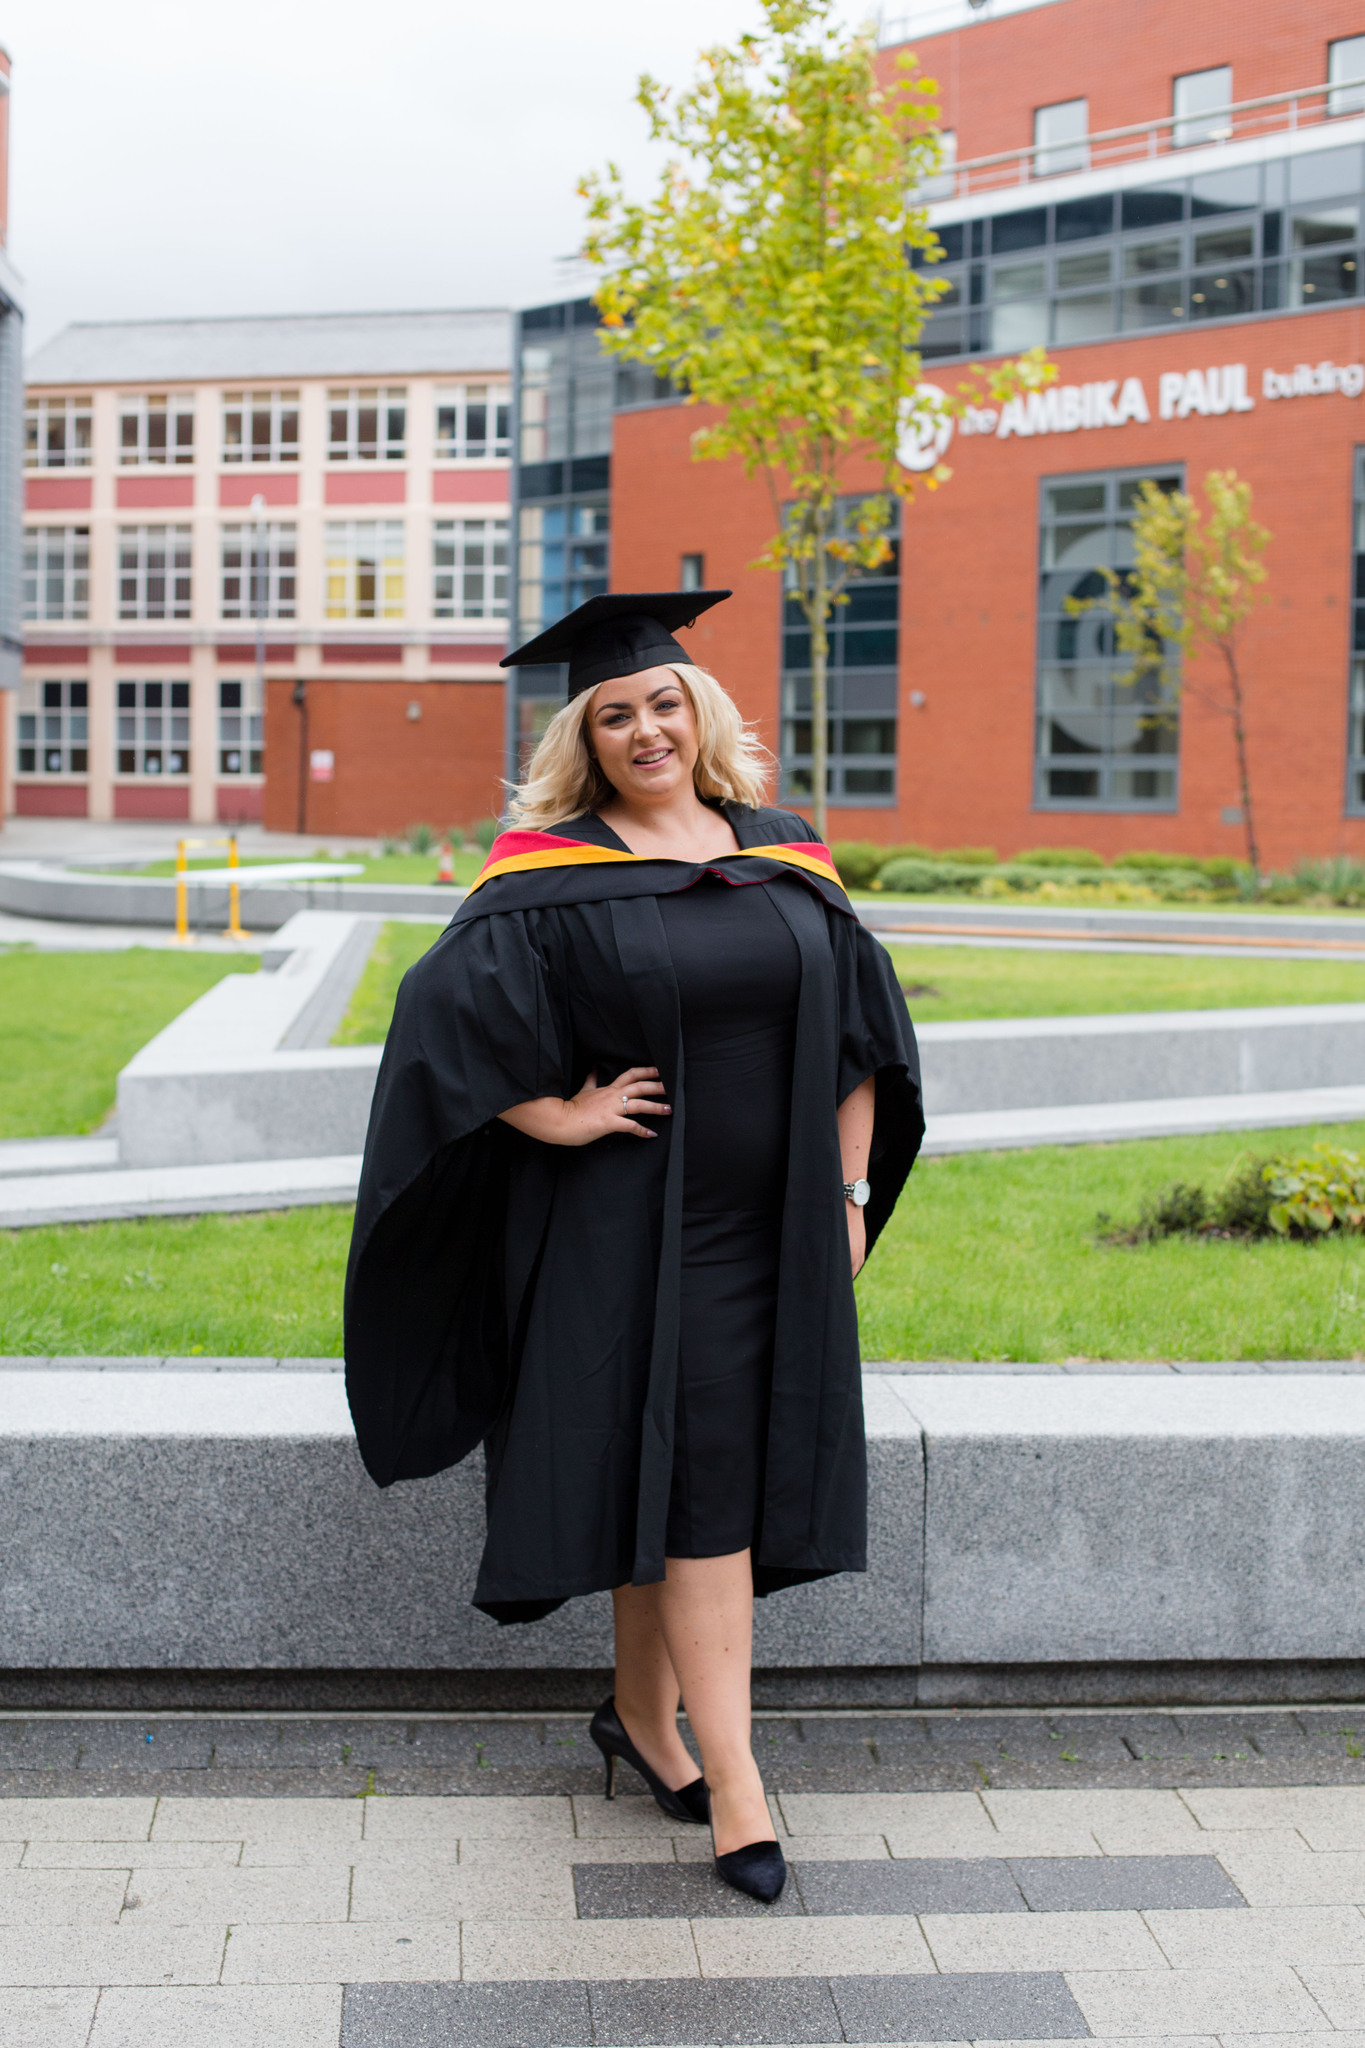 Wolverhampton University Graduation Portrait Session